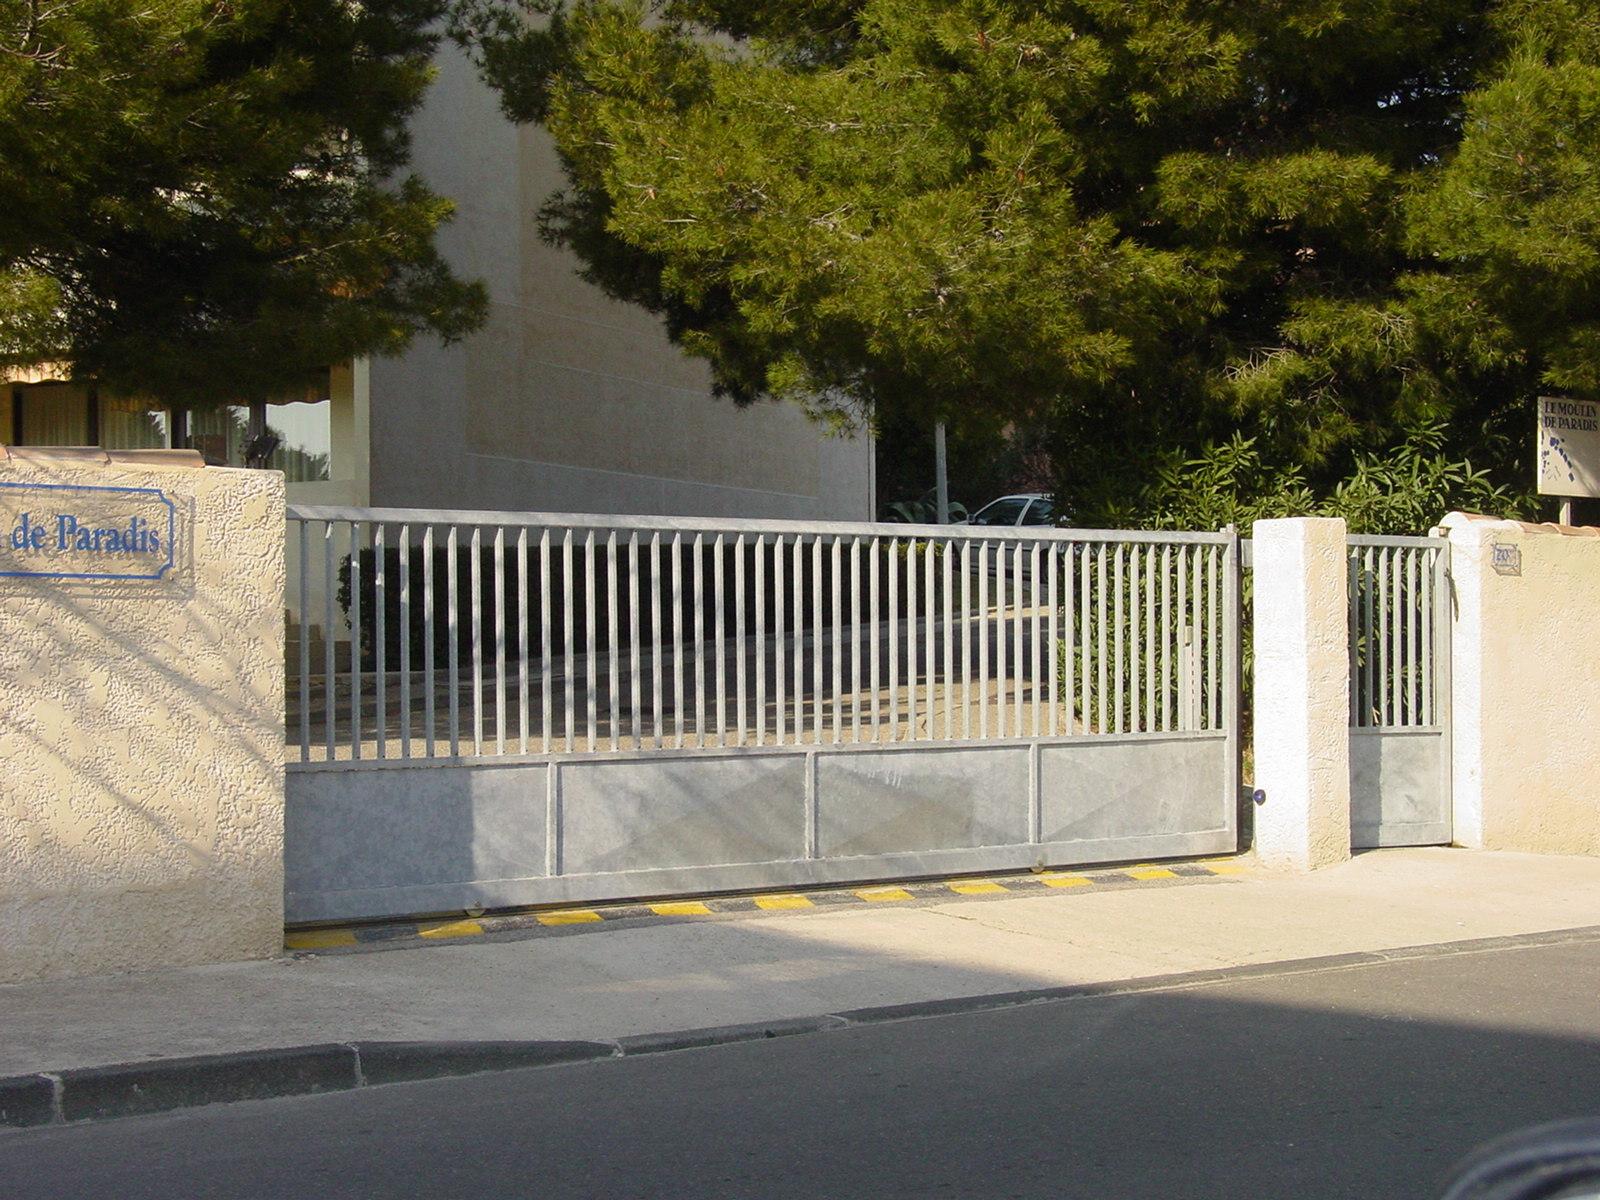 Vente de portail automatique istres bouches du rh ne api control Portail coulissant en fer